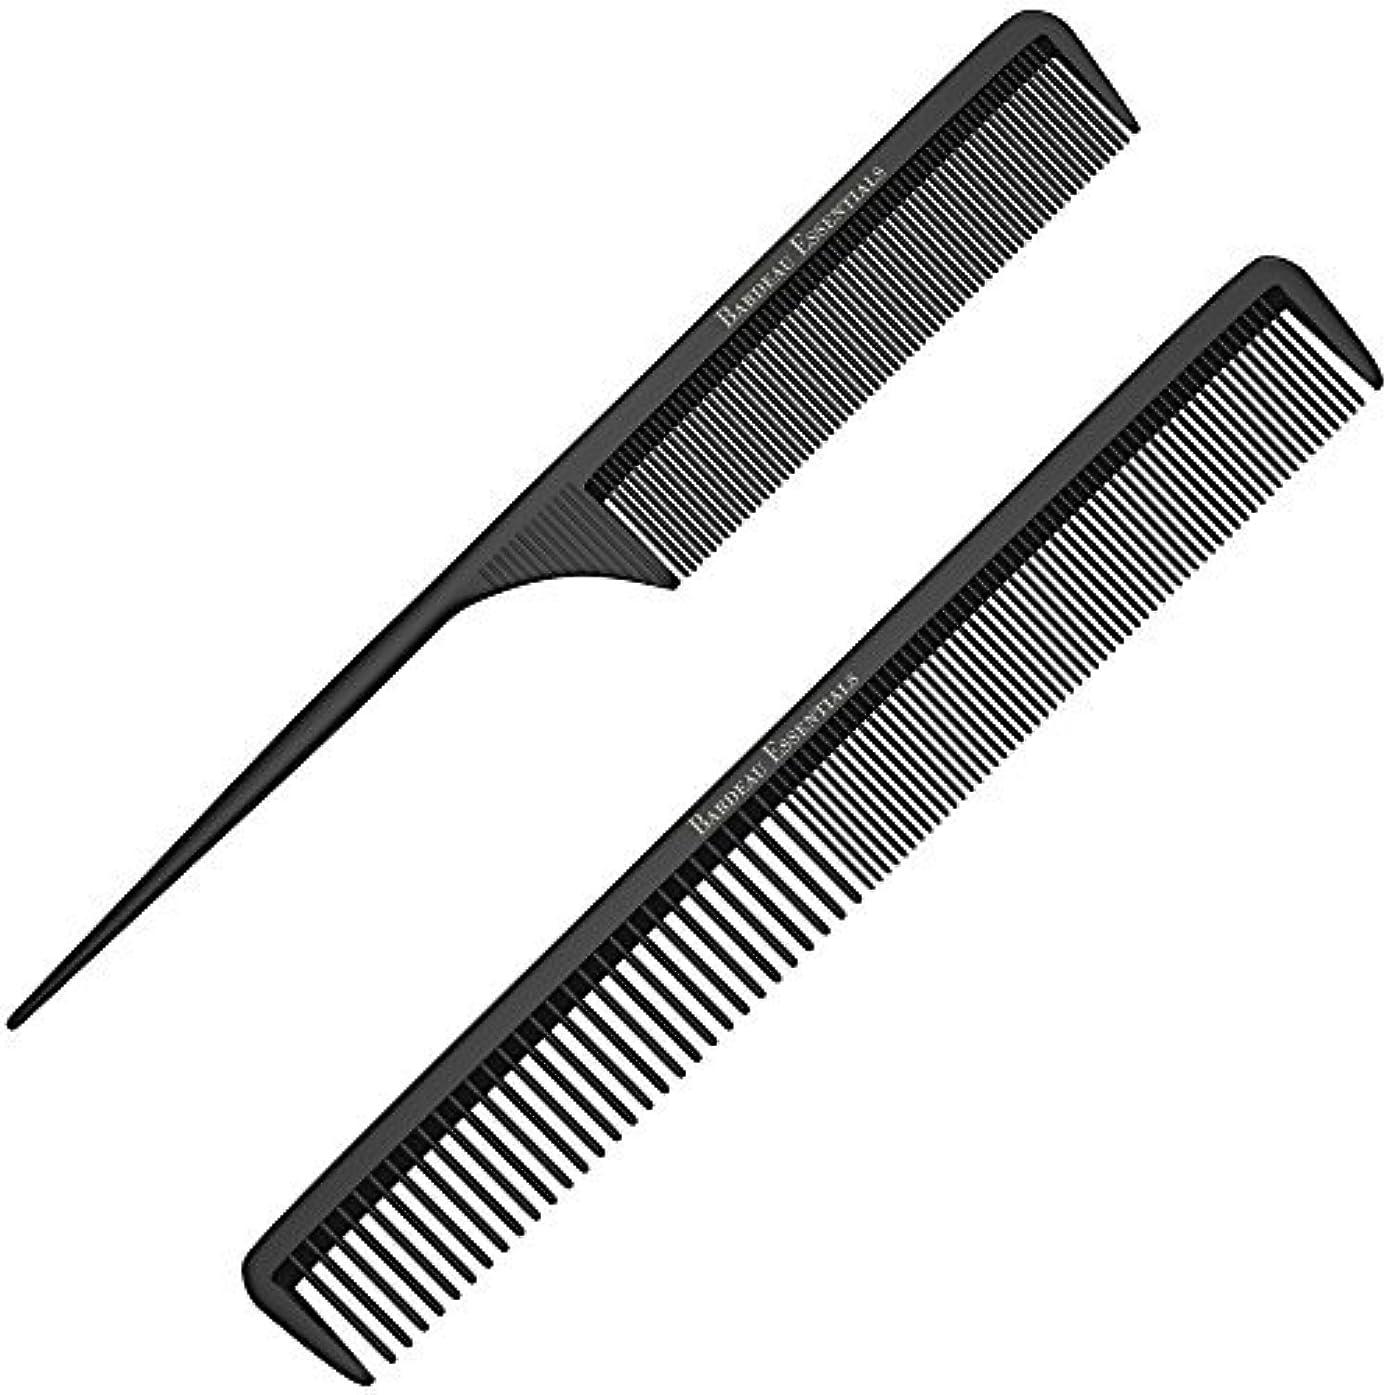 フェローシップ不従順つばStyling Comb and Tail Comb Combo Pack | Professional 8.75  Black Carbon Fiber Anti Static Chemical And Heat Resistant...